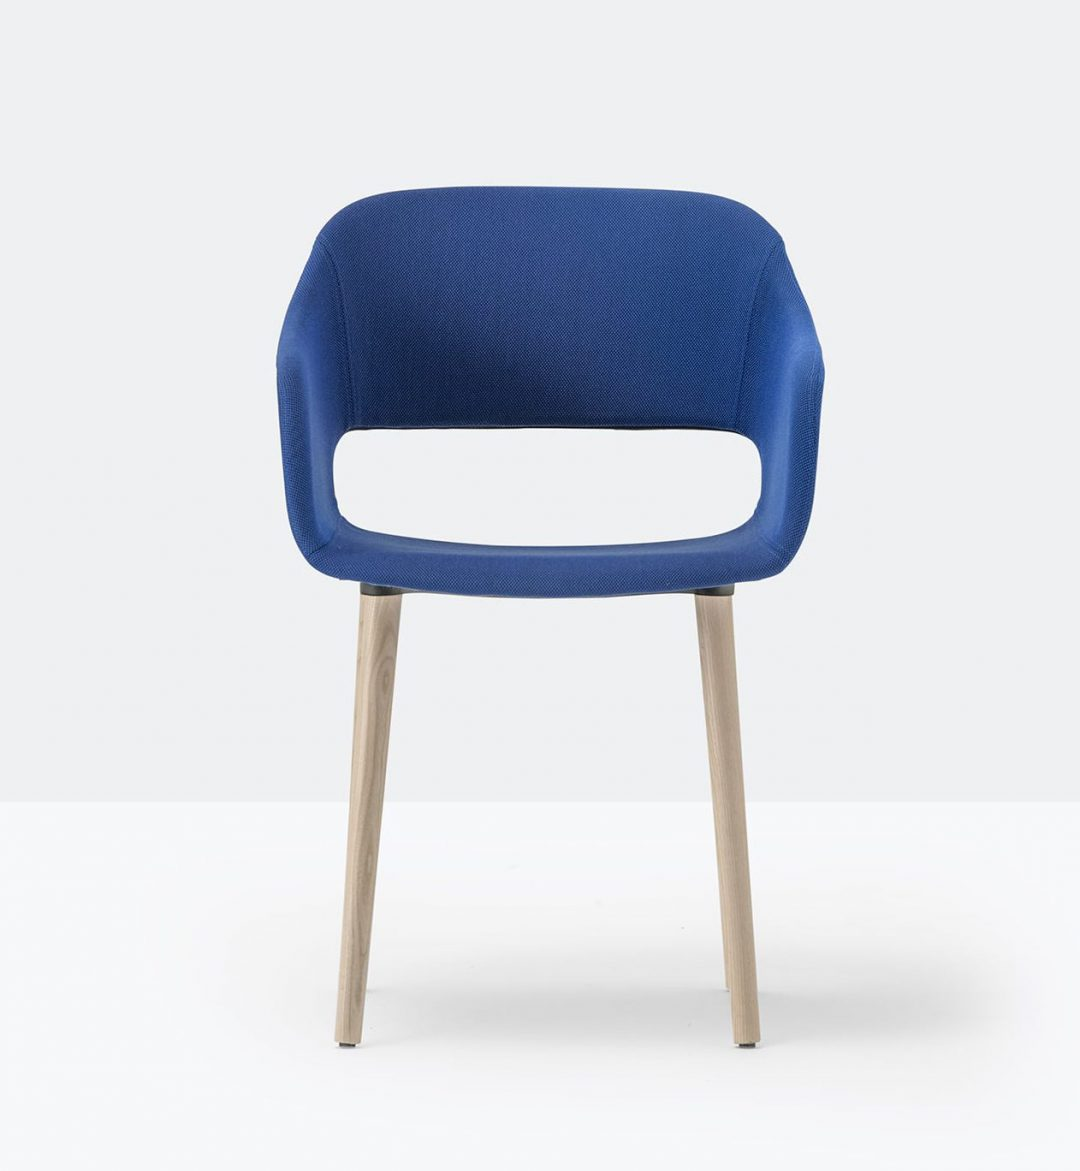 silla azul con patas de madera de pedrali